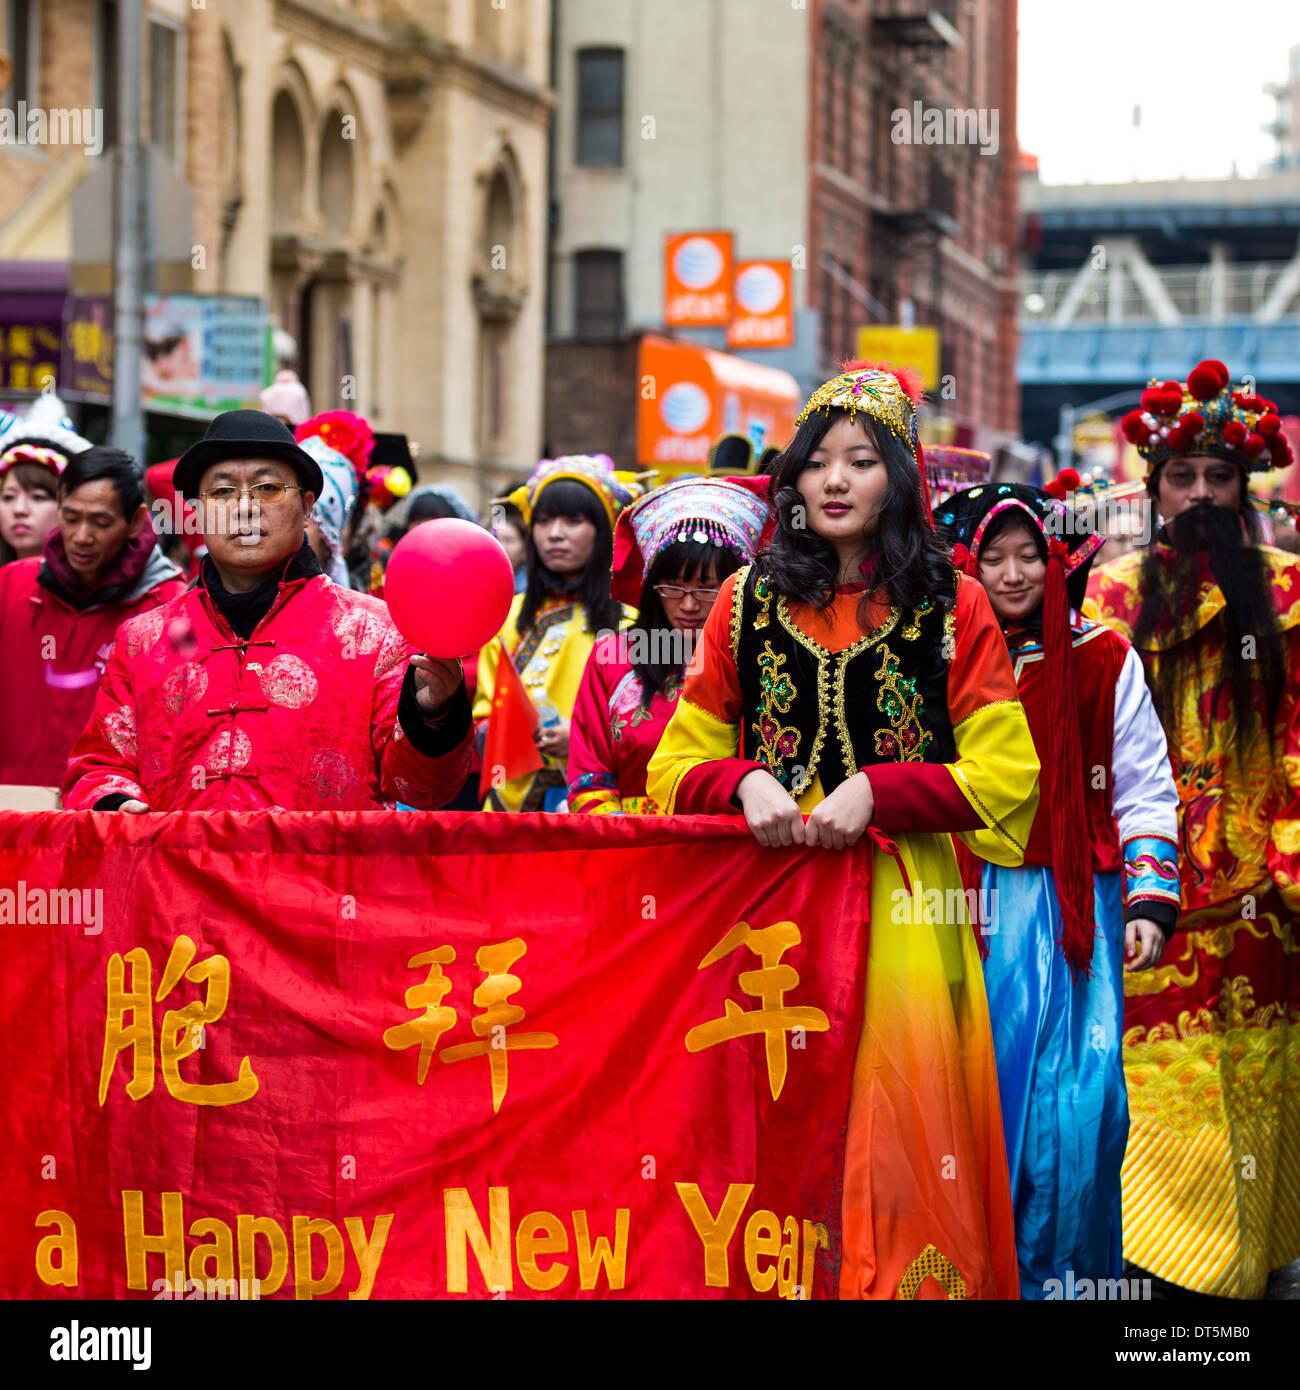 Los estadounidenses chinos vestidos con trajes tradicionales desfile en el Festival de Año Nuevo Lunar en Chinatown. Imagen De Stock